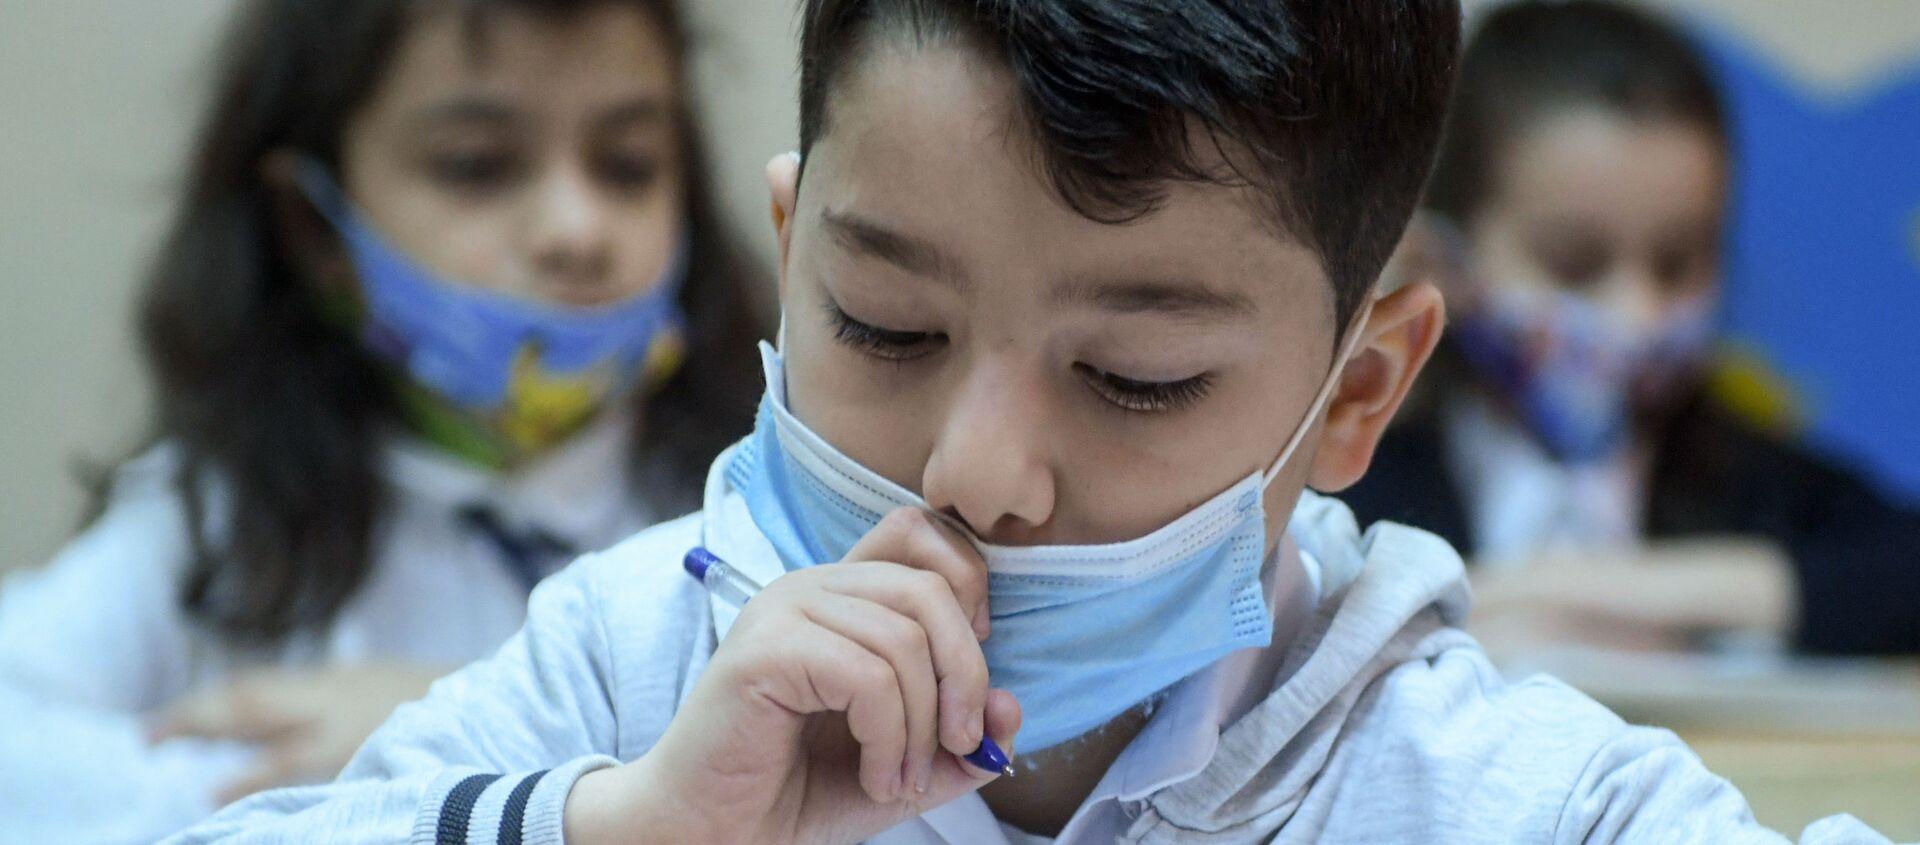 Возобновление очных занятий в бакинских школах, 1 февраля 2021 года - Sputnik Азербайджан, 1920, 01.02.2021